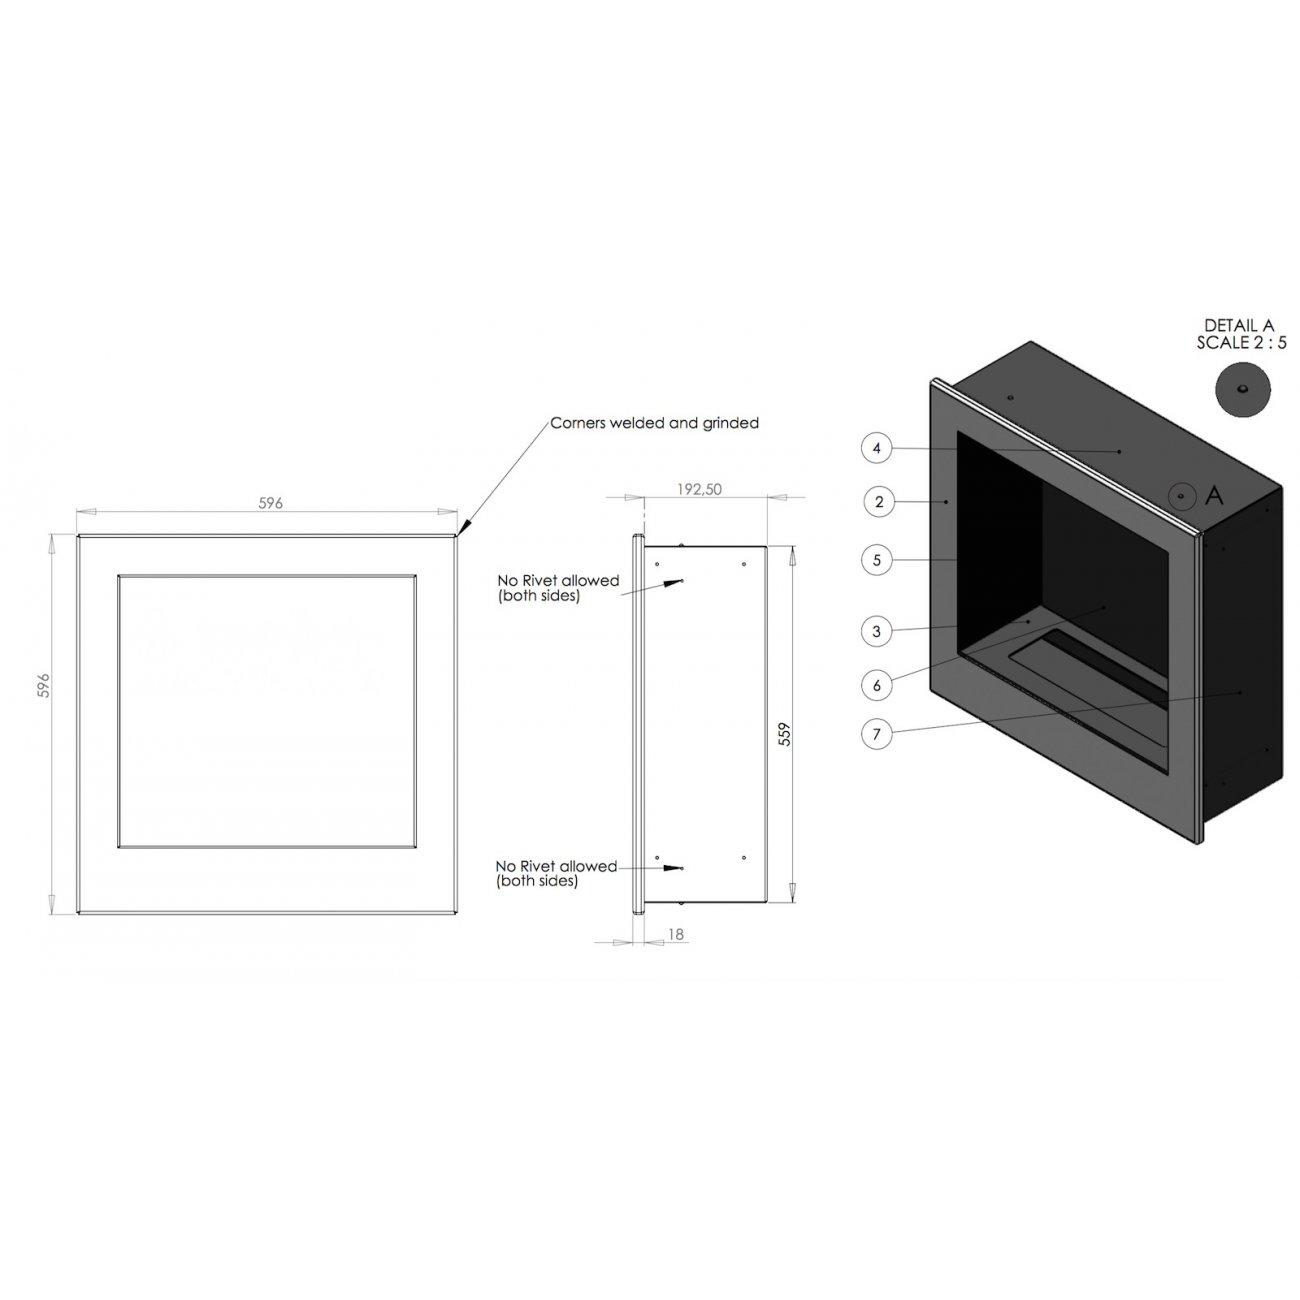 desing einbau ethanolkamin nemo von safretti. Black Bedroom Furniture Sets. Home Design Ideas